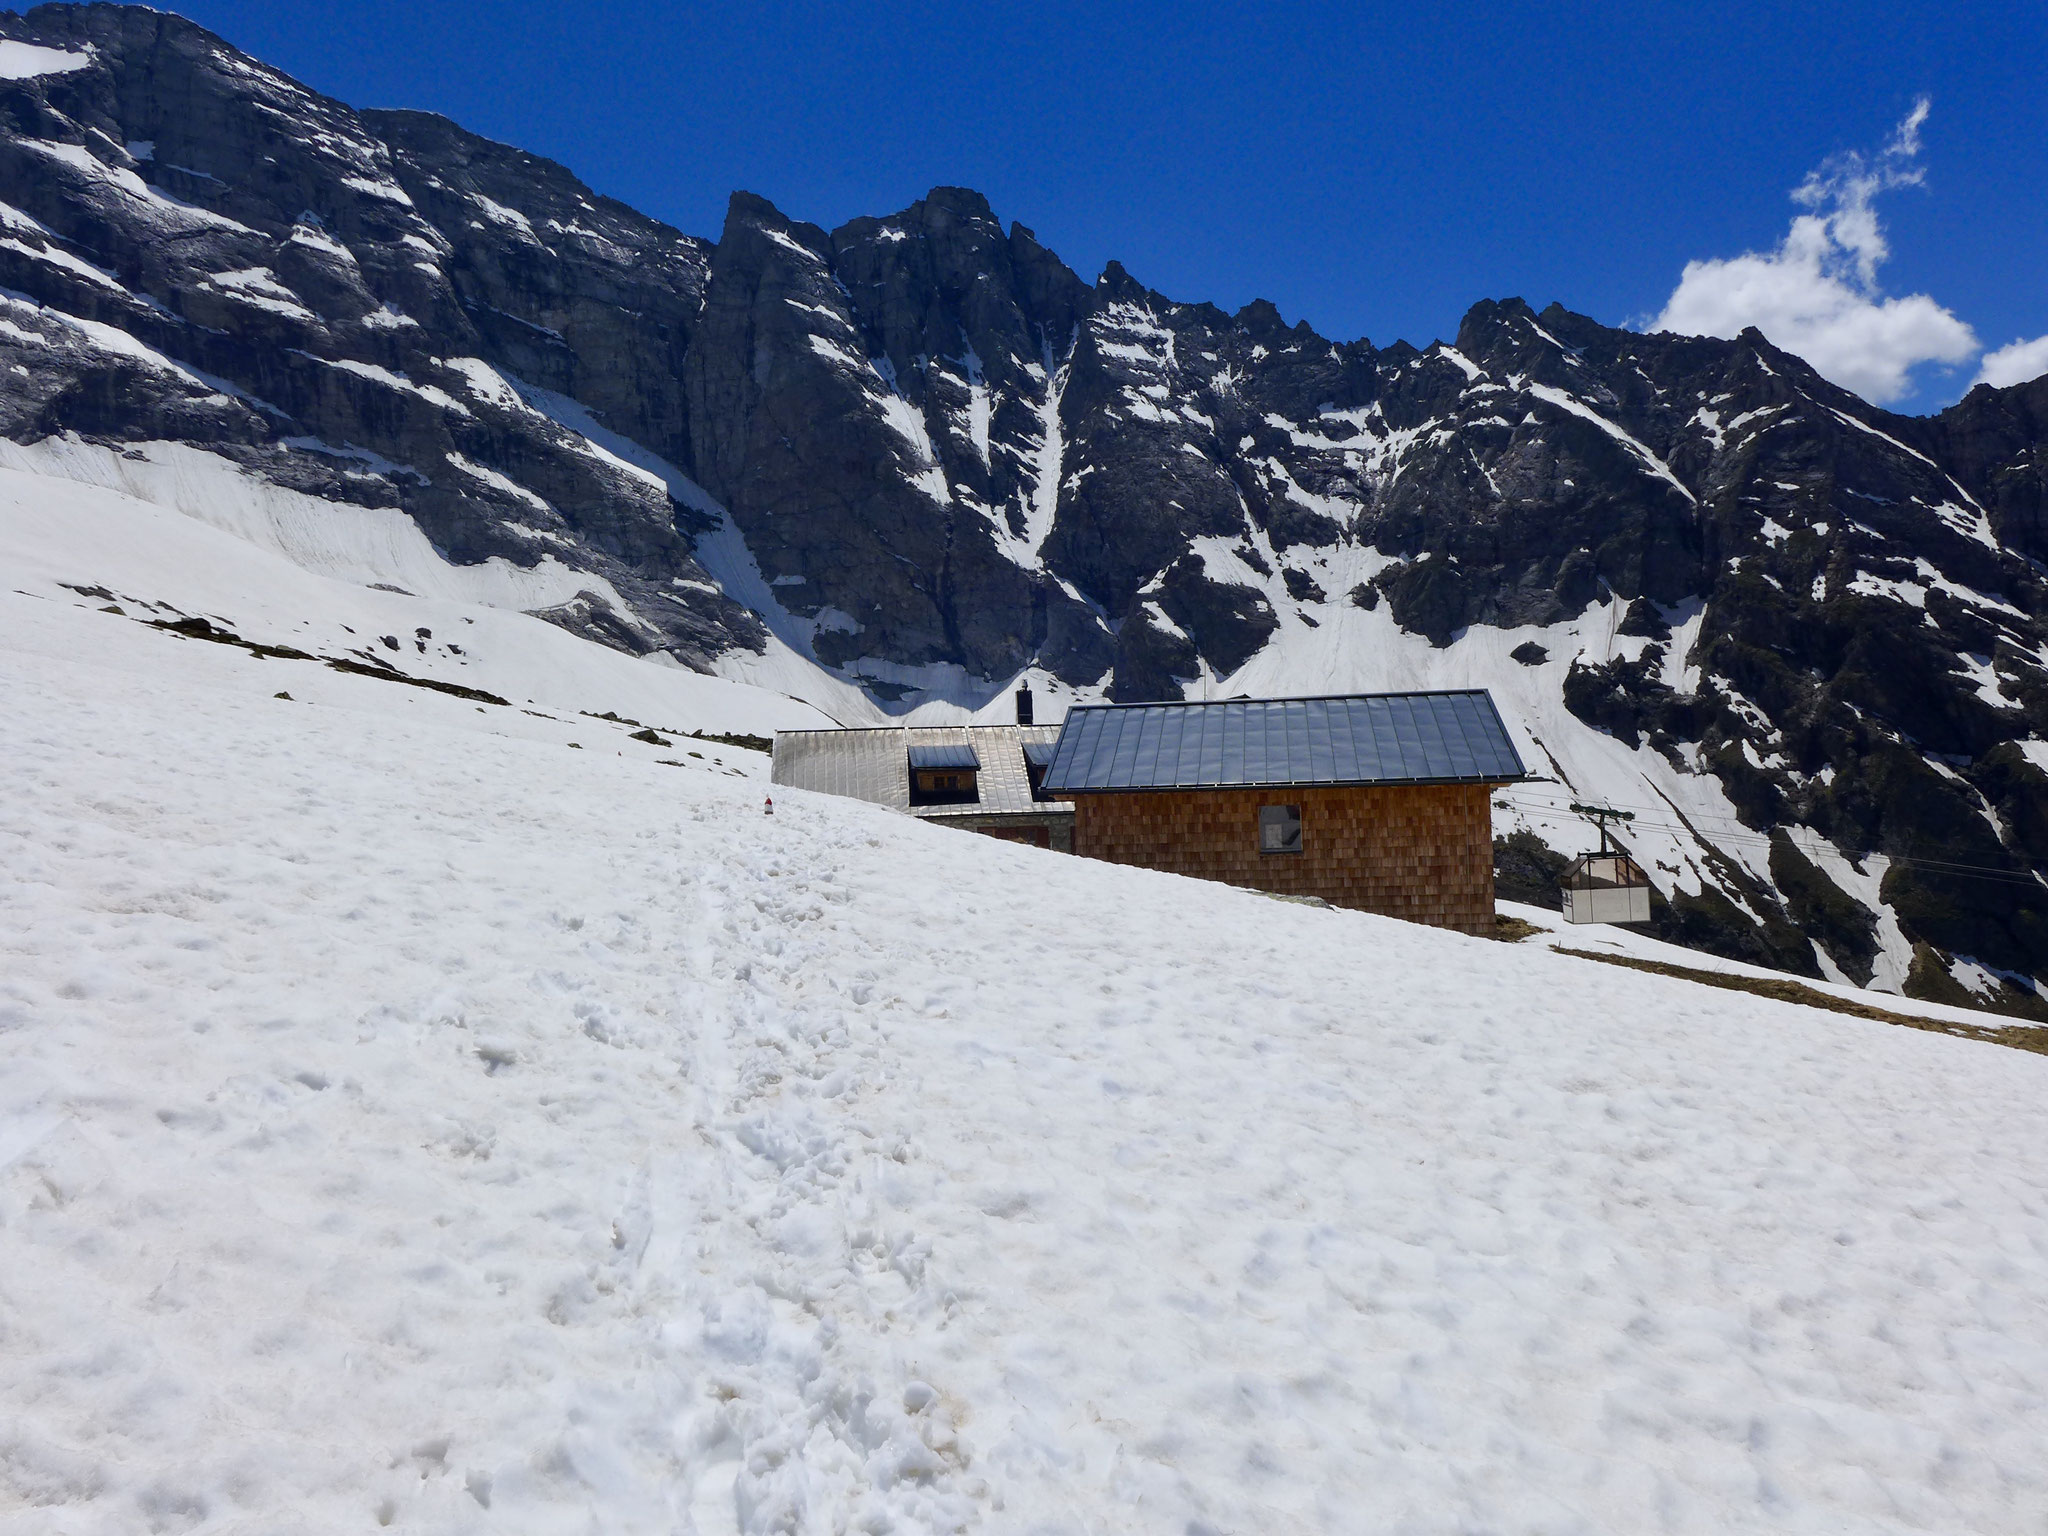 Und auch die Hütte selber war in tiefem Schnee.